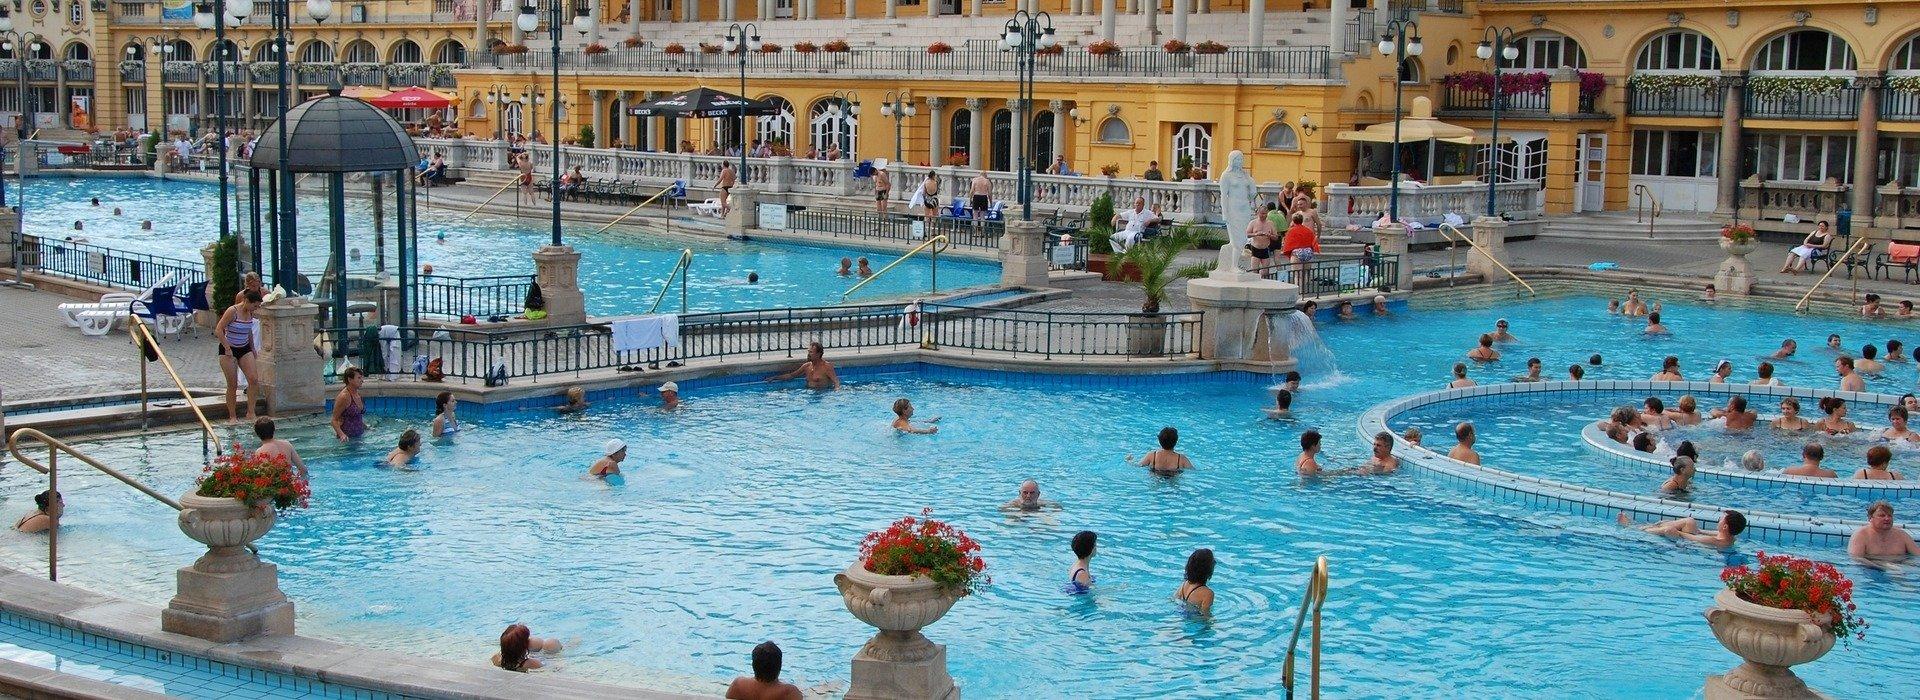 Budapesti Gyógyfürdők – Termálfürdők Budapesten